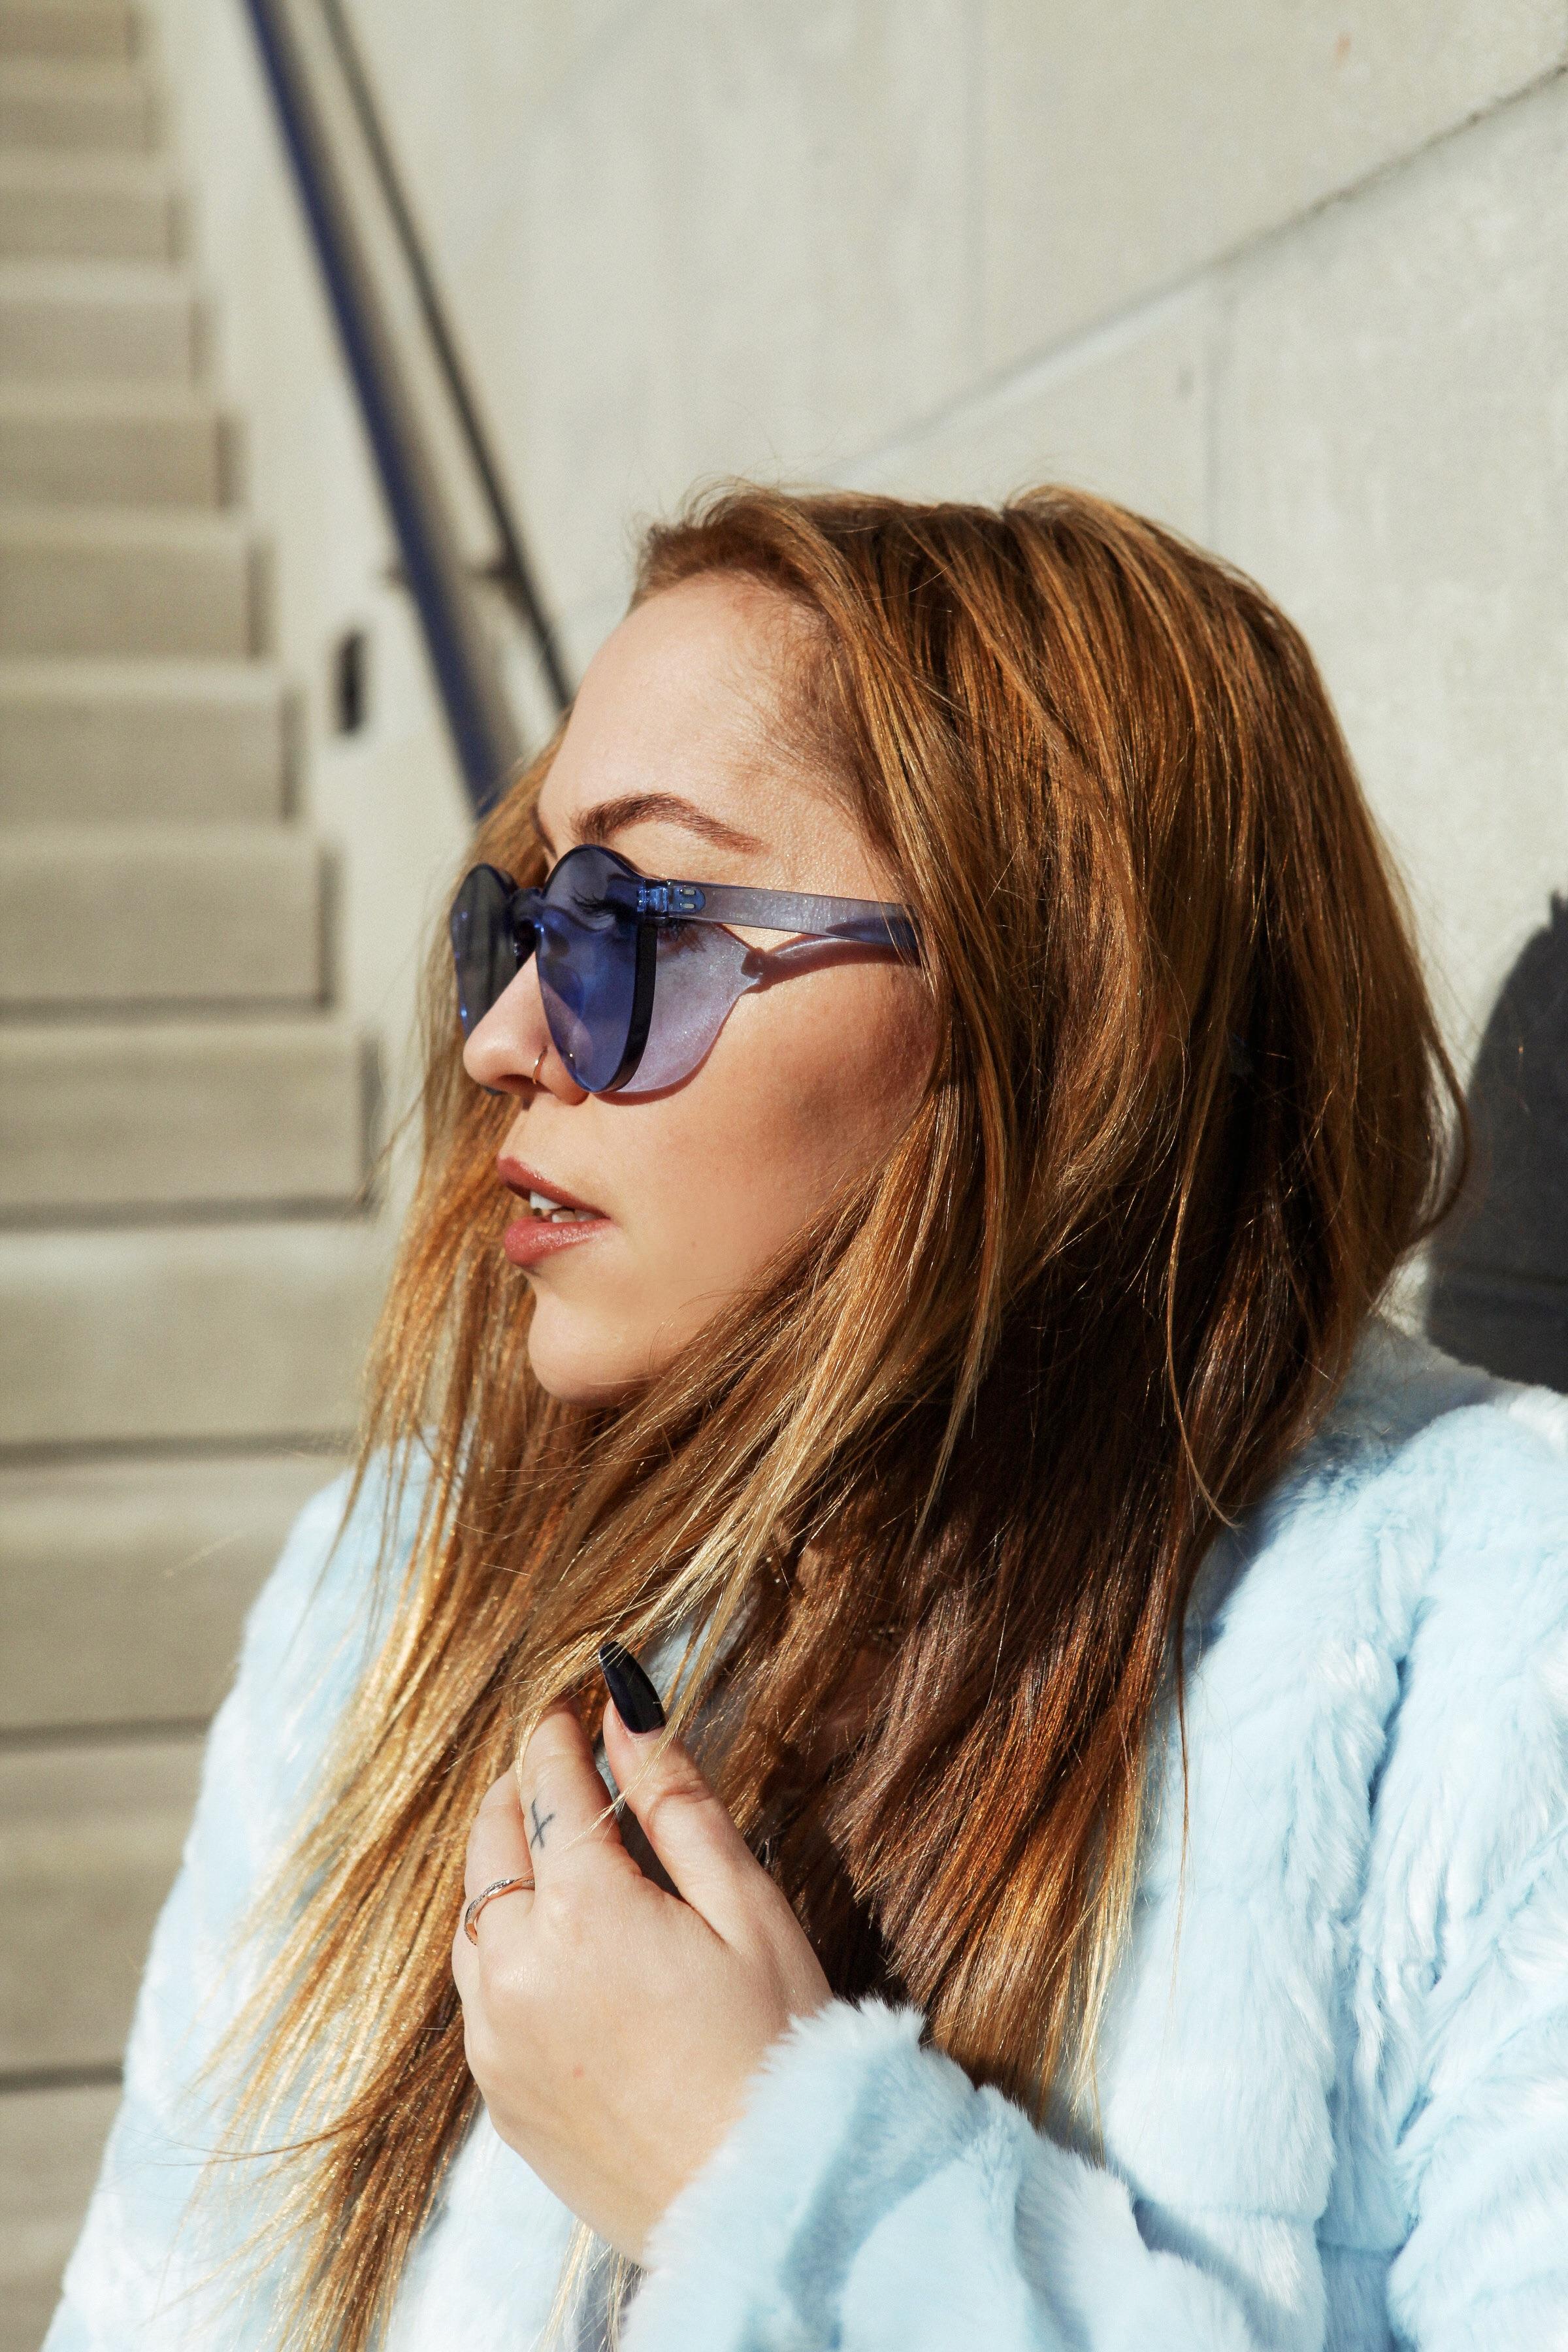 spectrum-sunglasses.jpg